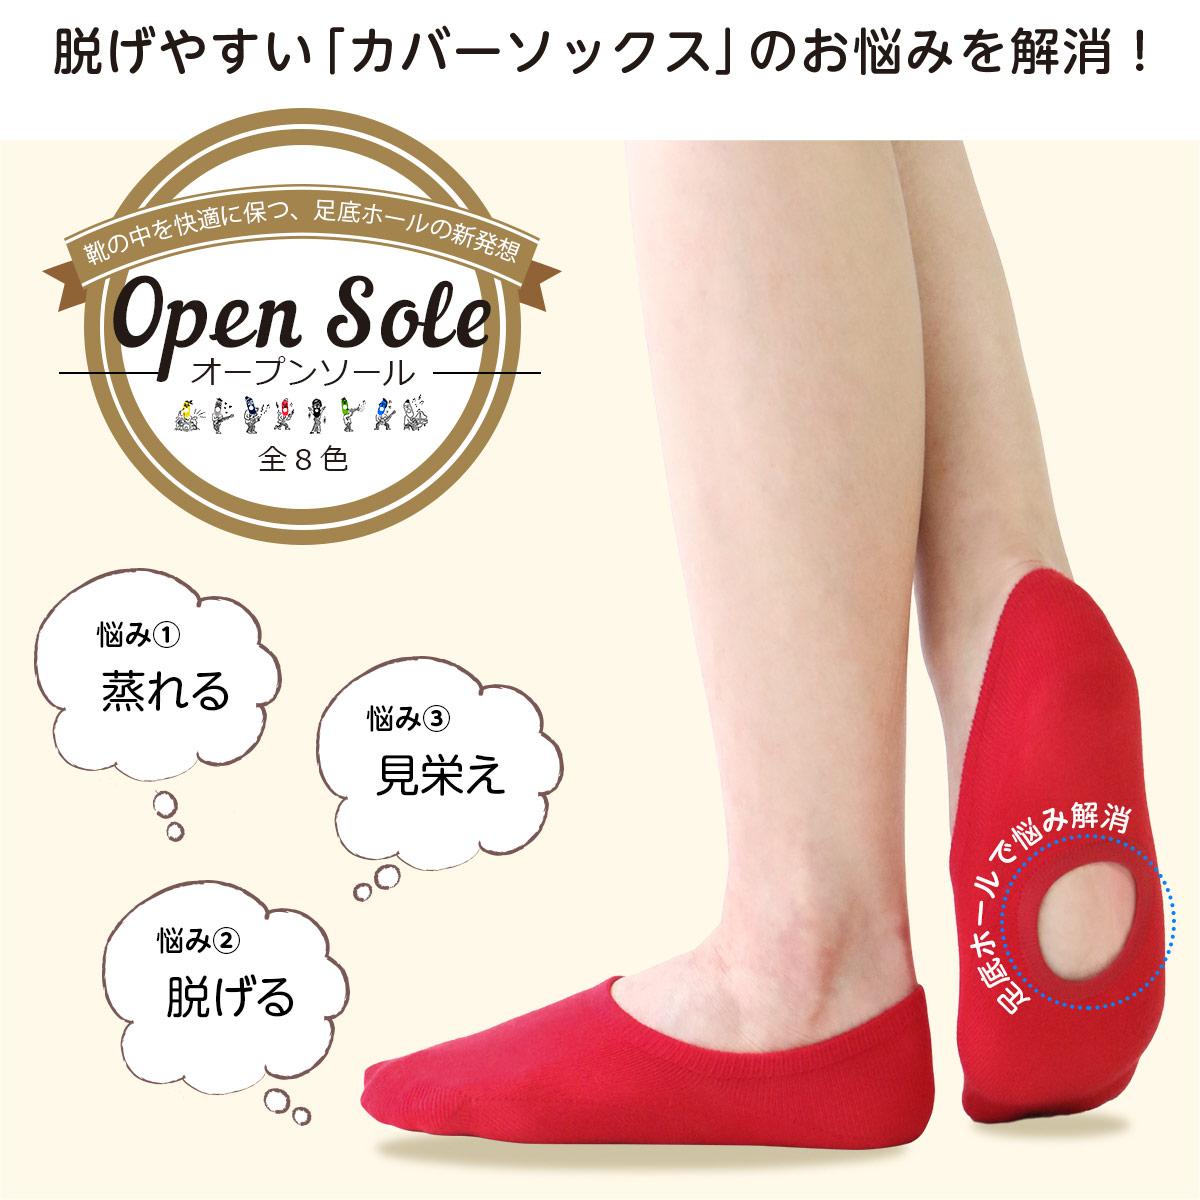 OPEN SOLE オープンソール レディース カバーソックス こだわりの靴下 フットカバー 足底ホール特許設計 抗菌防臭 03810001 【ゆうパケット・6点まで】